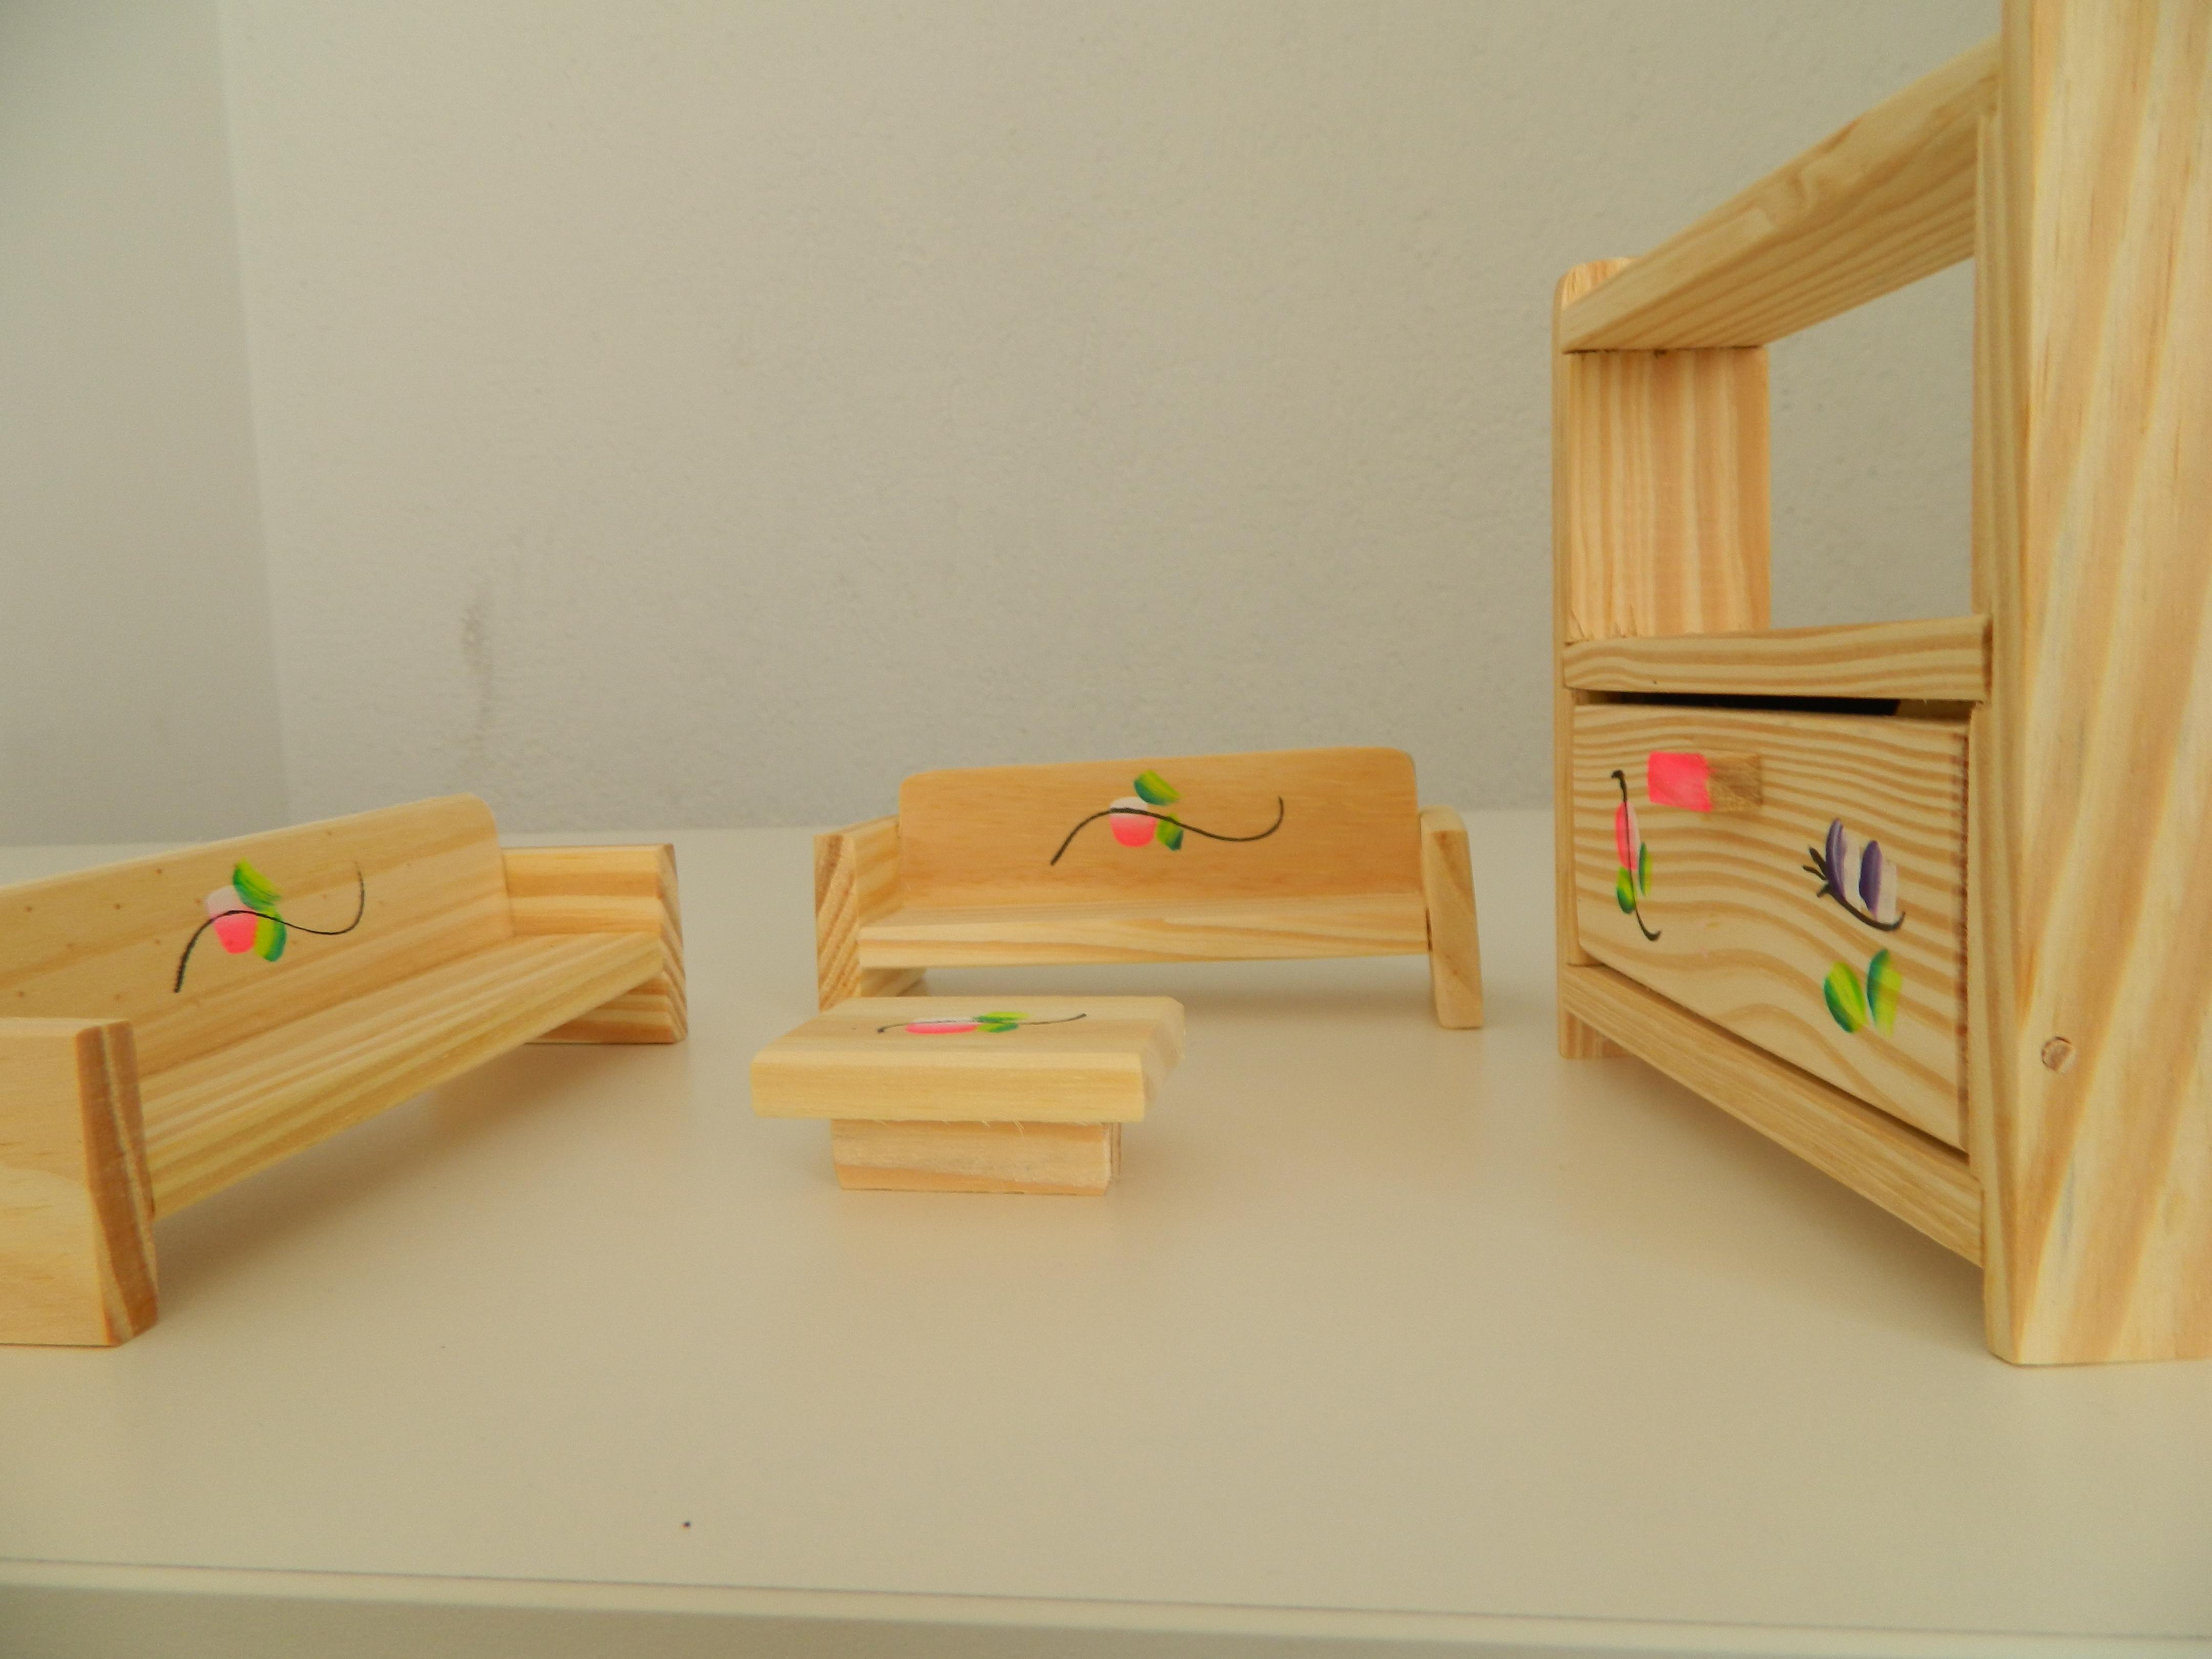 Móveis para Casinha de Bonecas Sala Petit Artiste Elo7 #B81713 4320x3240